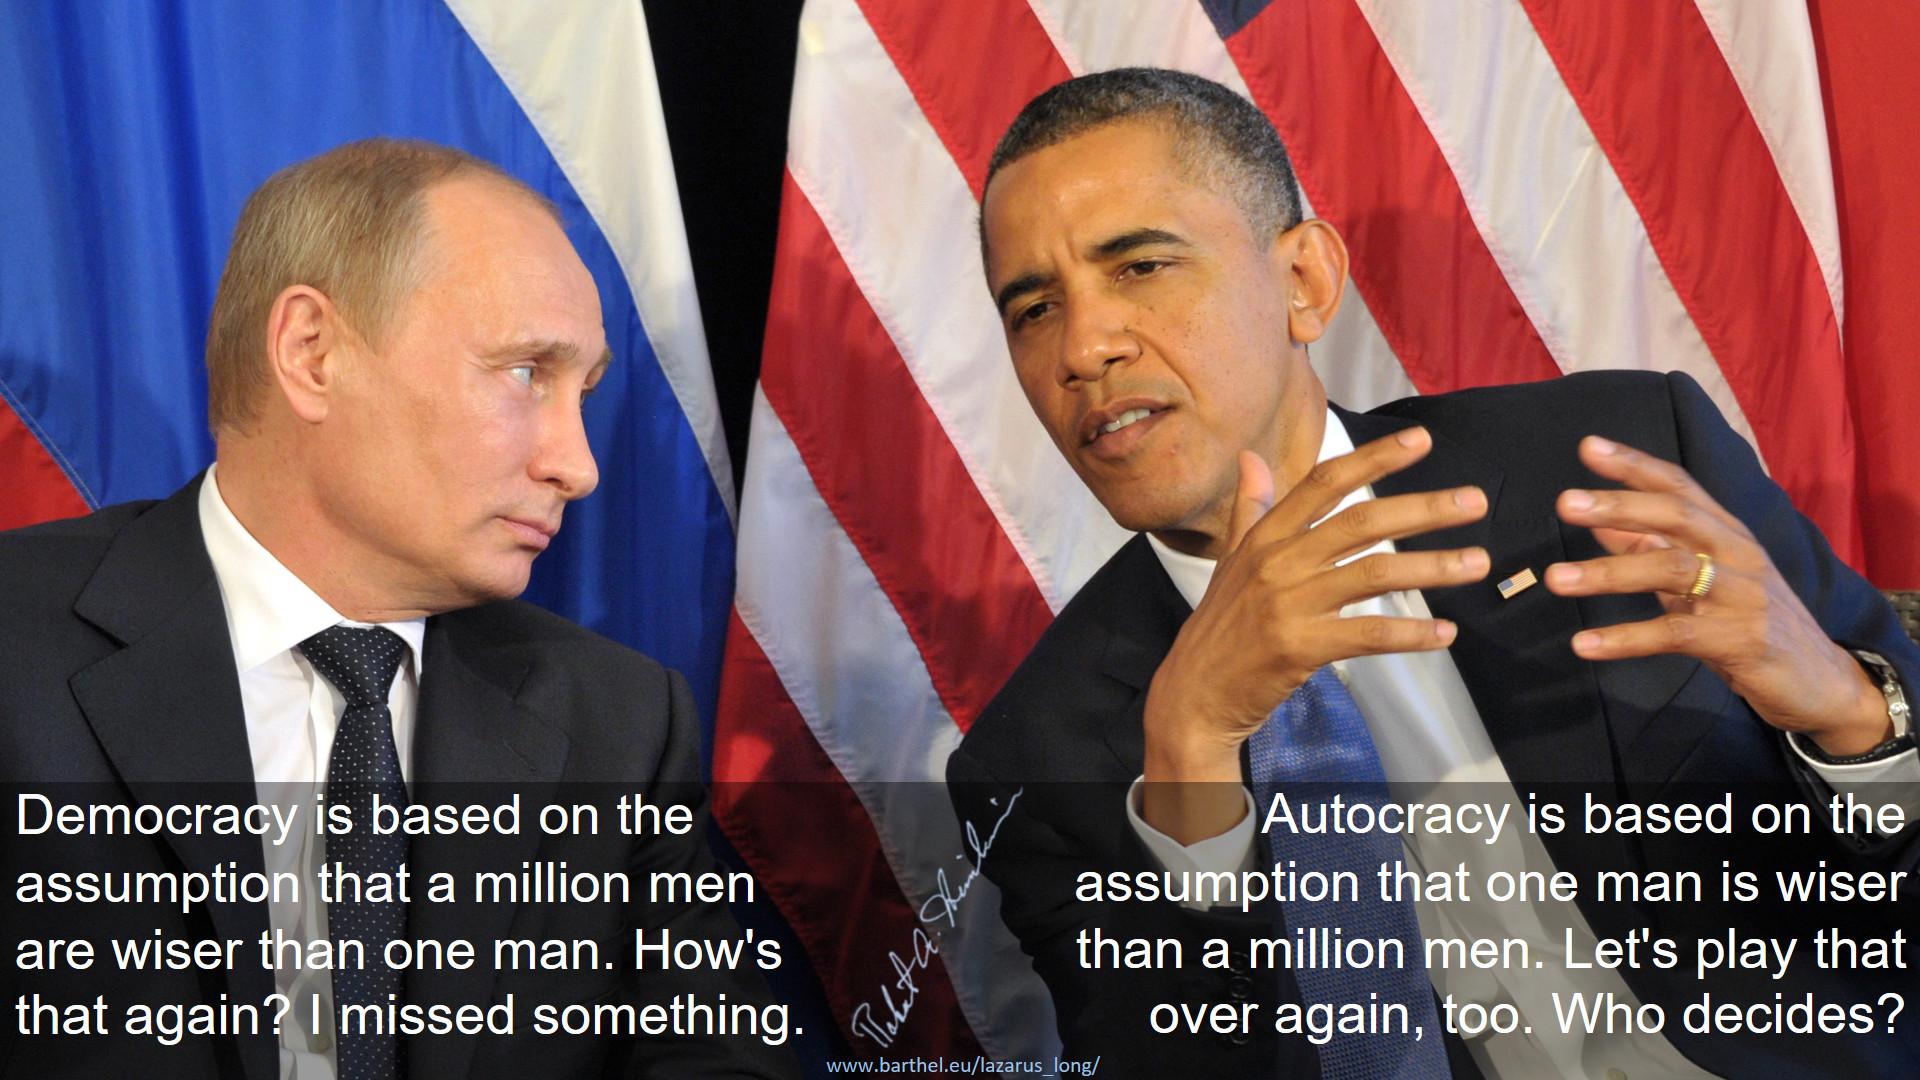 Democracy vs. Autocracy